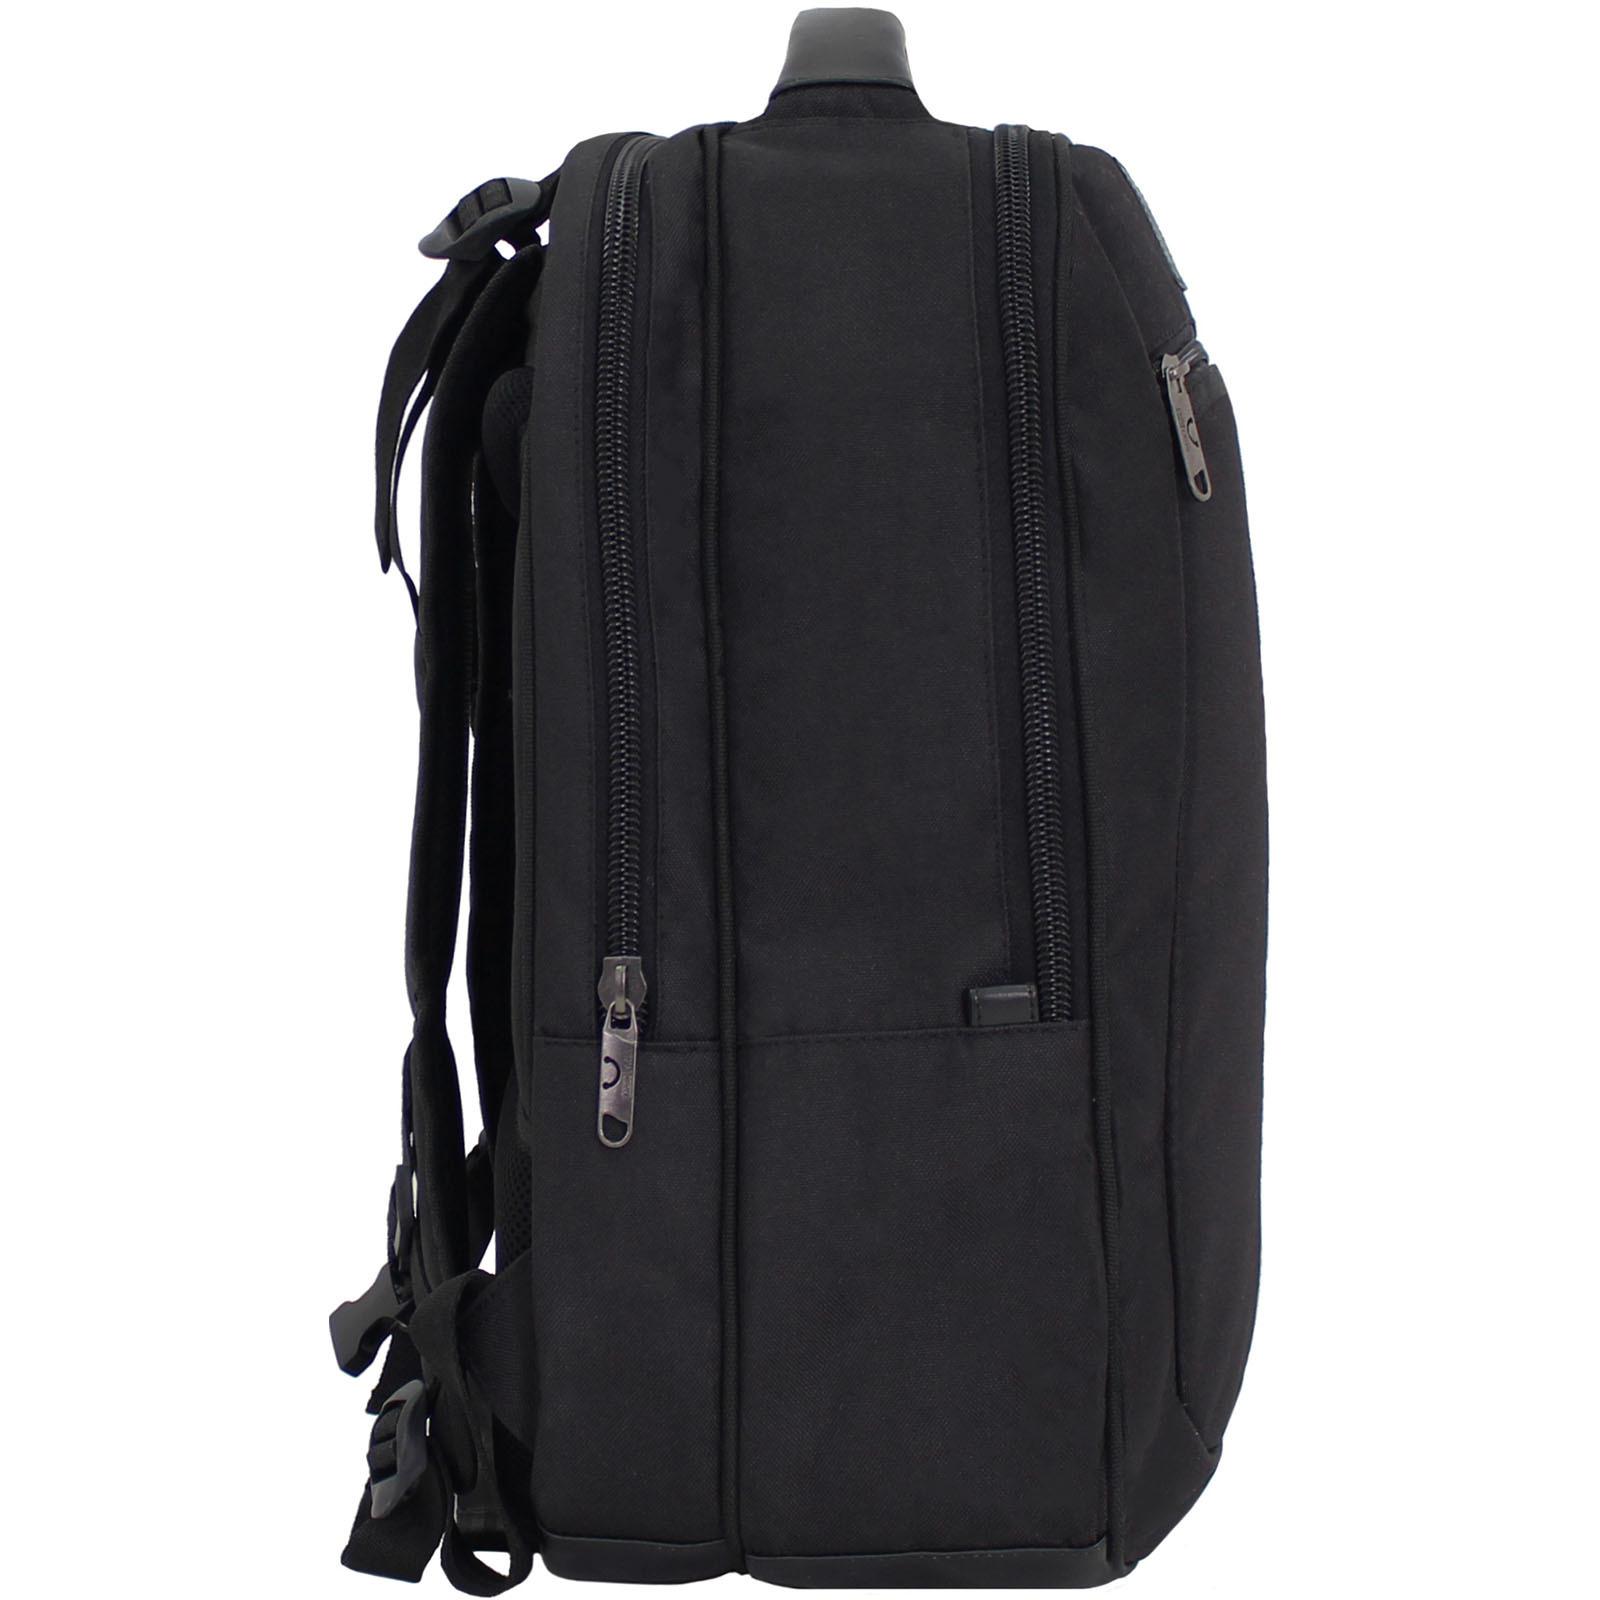 Рюкзак для ноутбука Bagland Рюкзак под ноутбук 536 22 л. Черный (0053666) фото 2